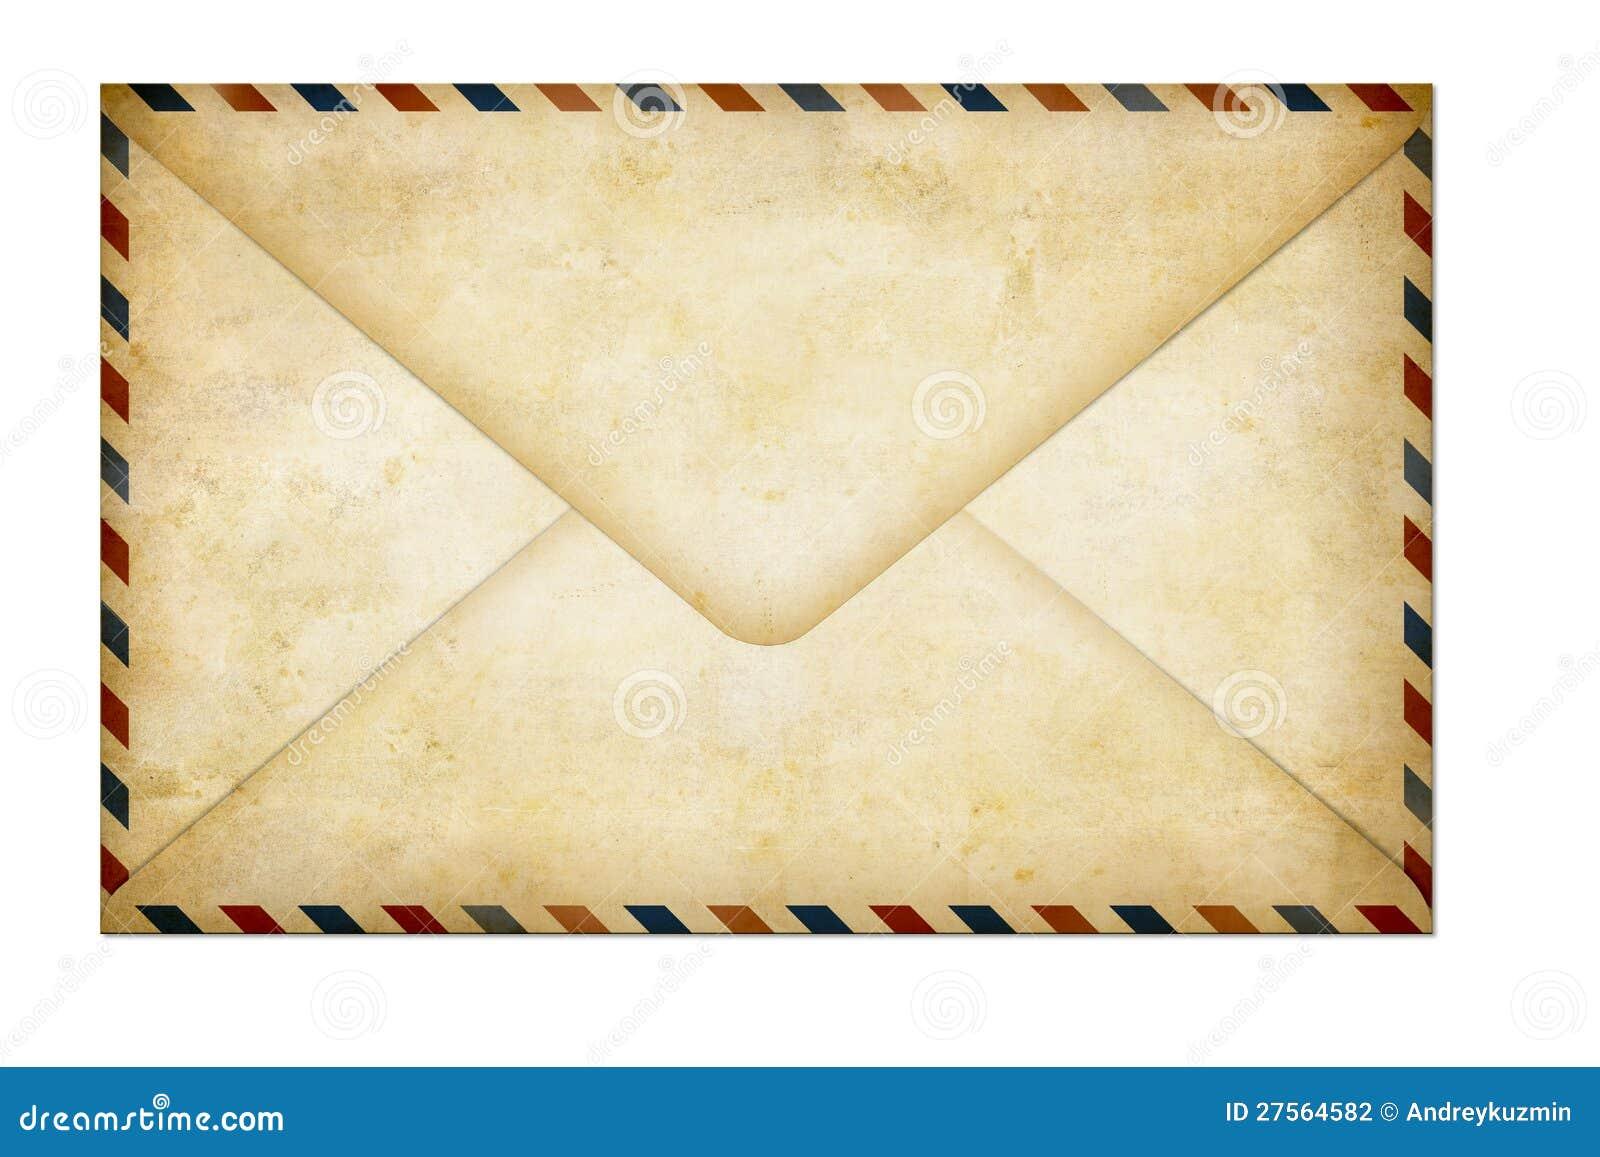 Παλαιά κλειστή μετα επιστολή αέρα εγγράφου που απομονώνεται